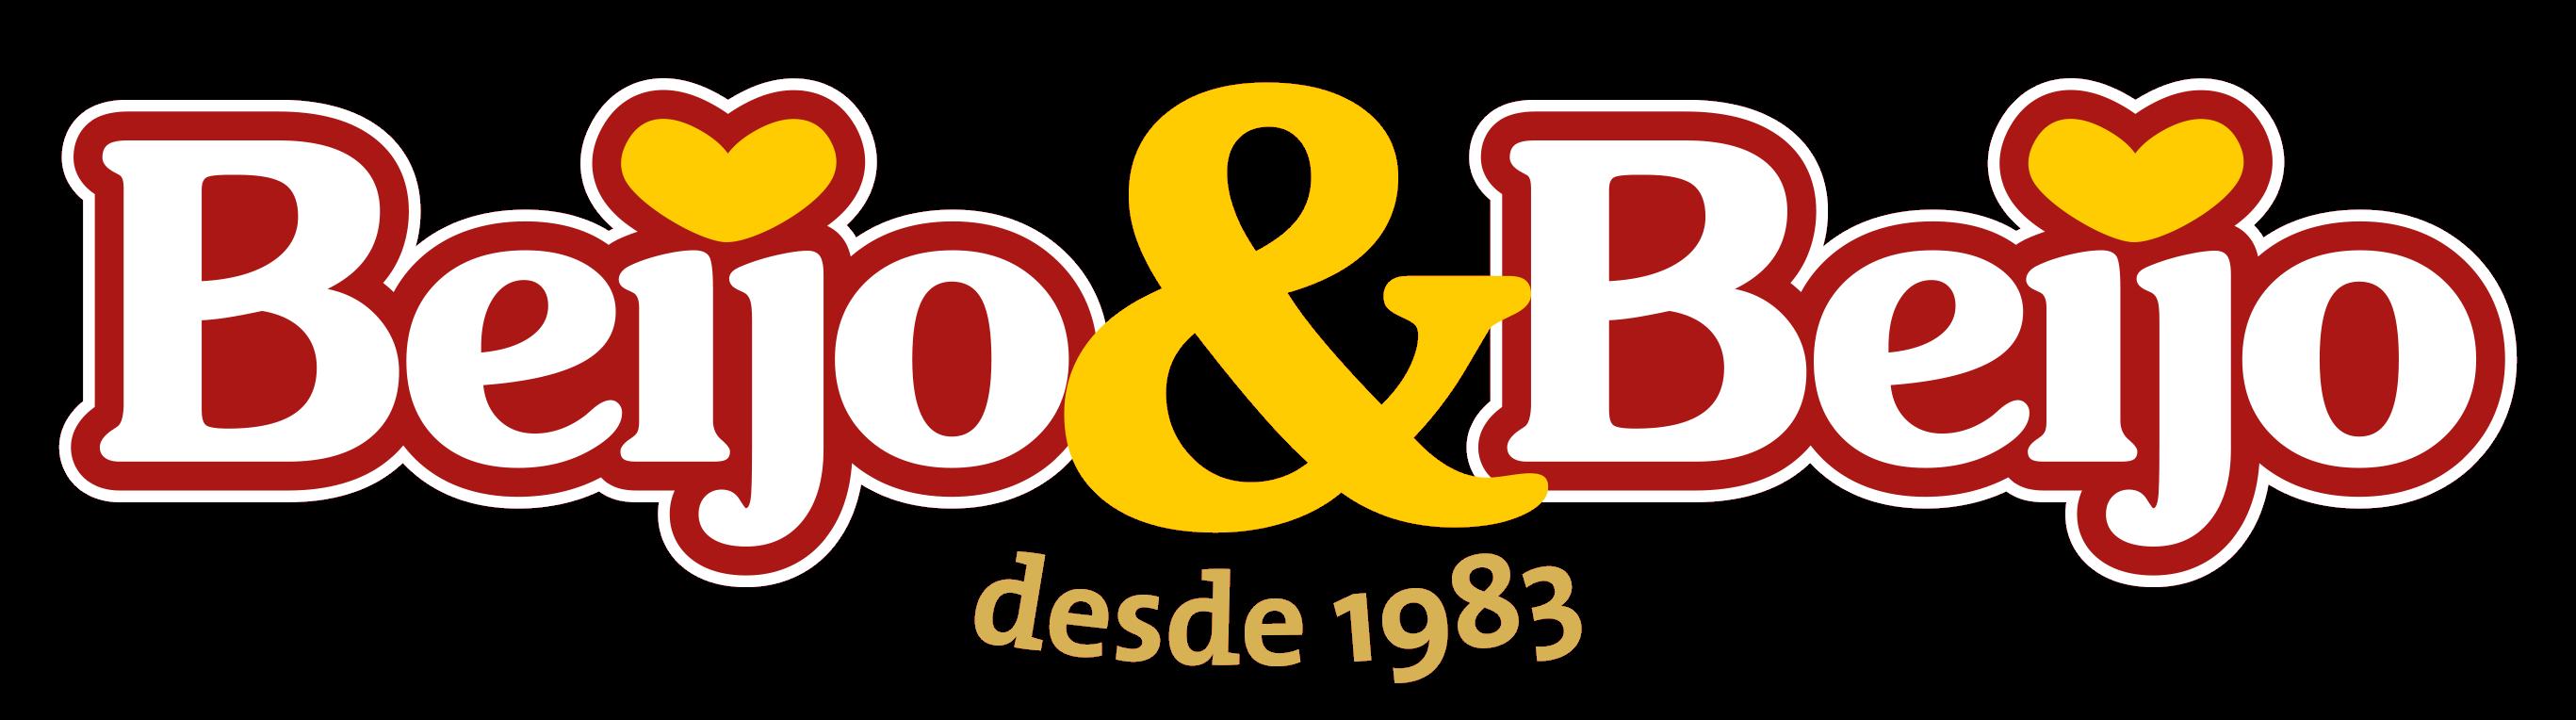 Beijo&Beijo – Desde 1983